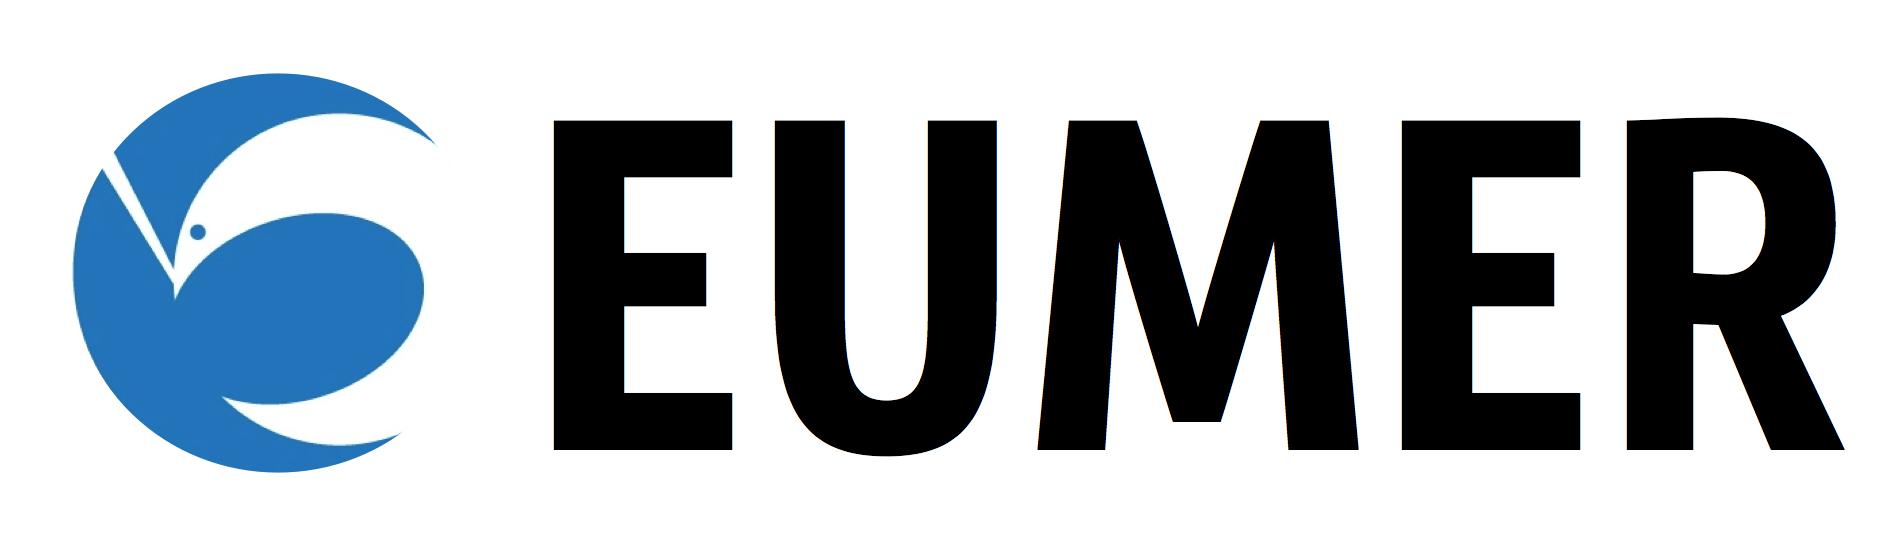 logo_Eumer